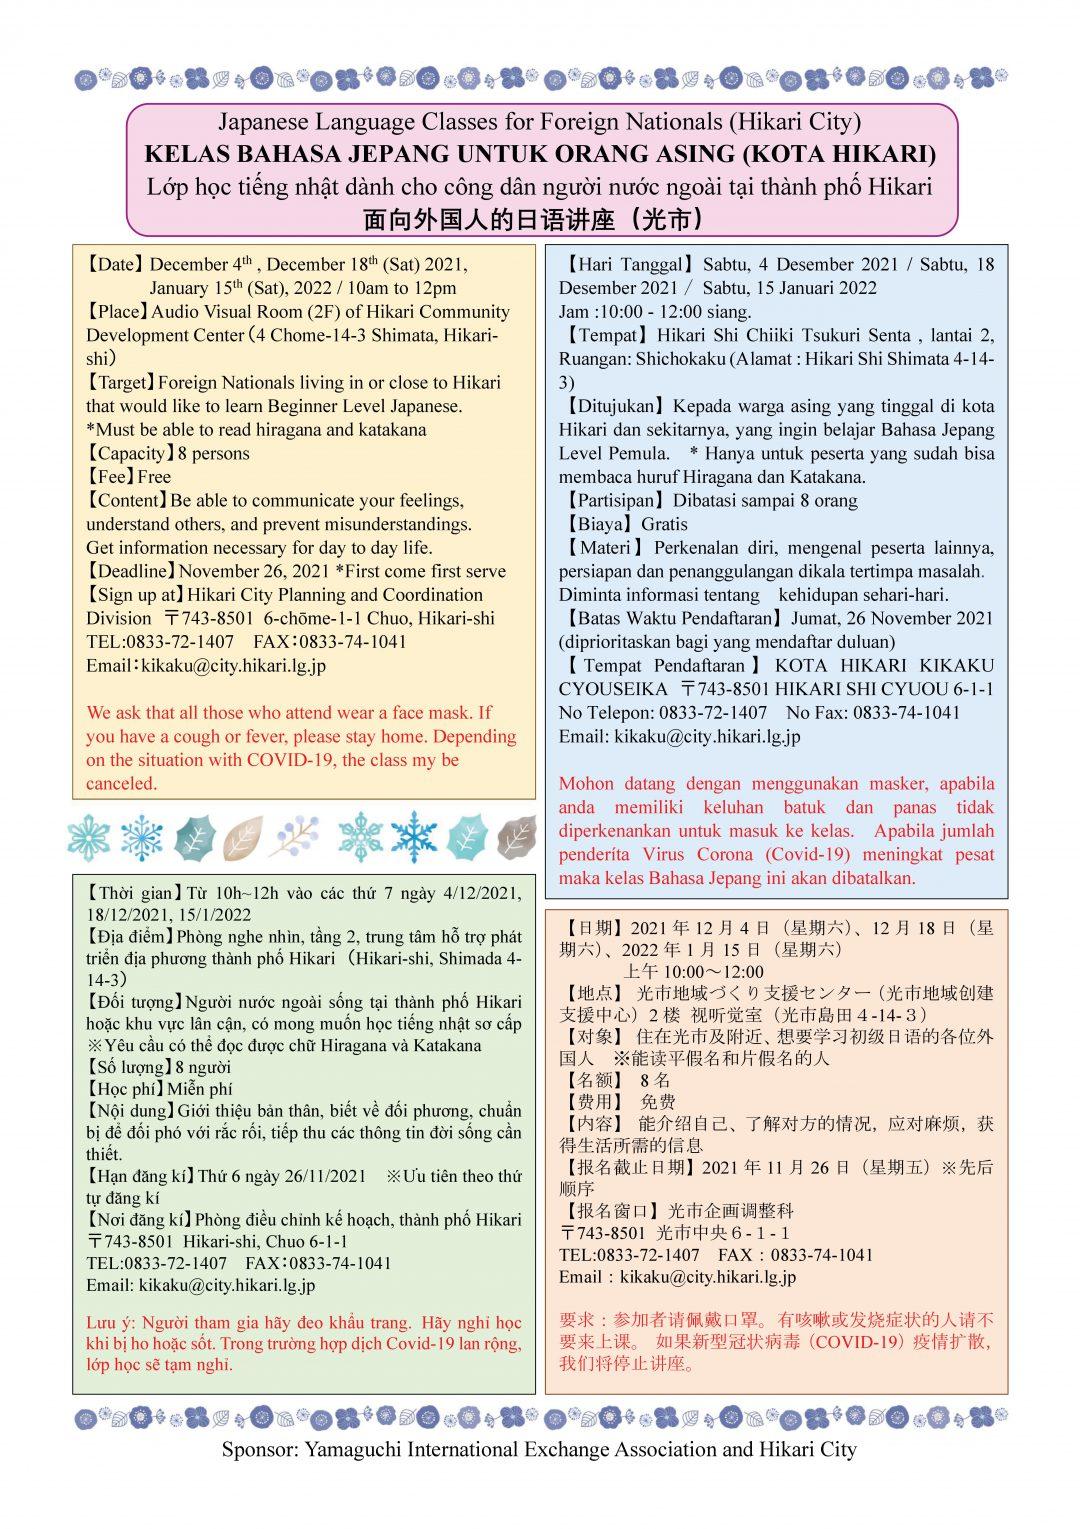 画像:光市(ひかりし)で、日本語教室(にほんごきょうしつ)を 開(ひら)きます♪   Japanese Language Class for Foreign Nationals (Hikari City) ♪   KELAS BAHASA JEPANG UNTUK ORANG ASING (KOTA HIKARI) ♪   Lớp học tiếng nhật dành cho công dân người nước ngoài tại thành phố Hikari ♪   面向外国人的日语讲座(光市)♪